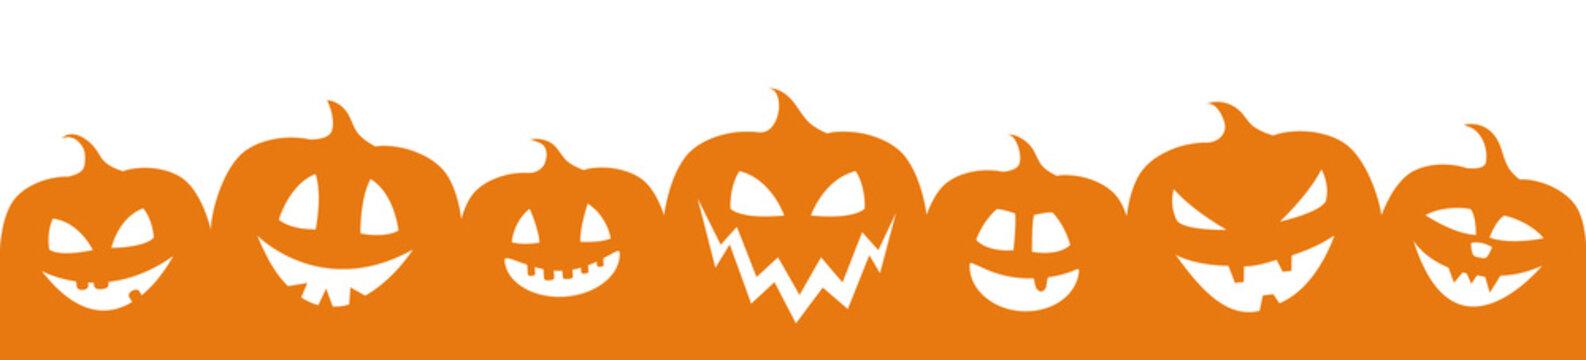 Concept of Halloween banner with pumpkins. Vector.